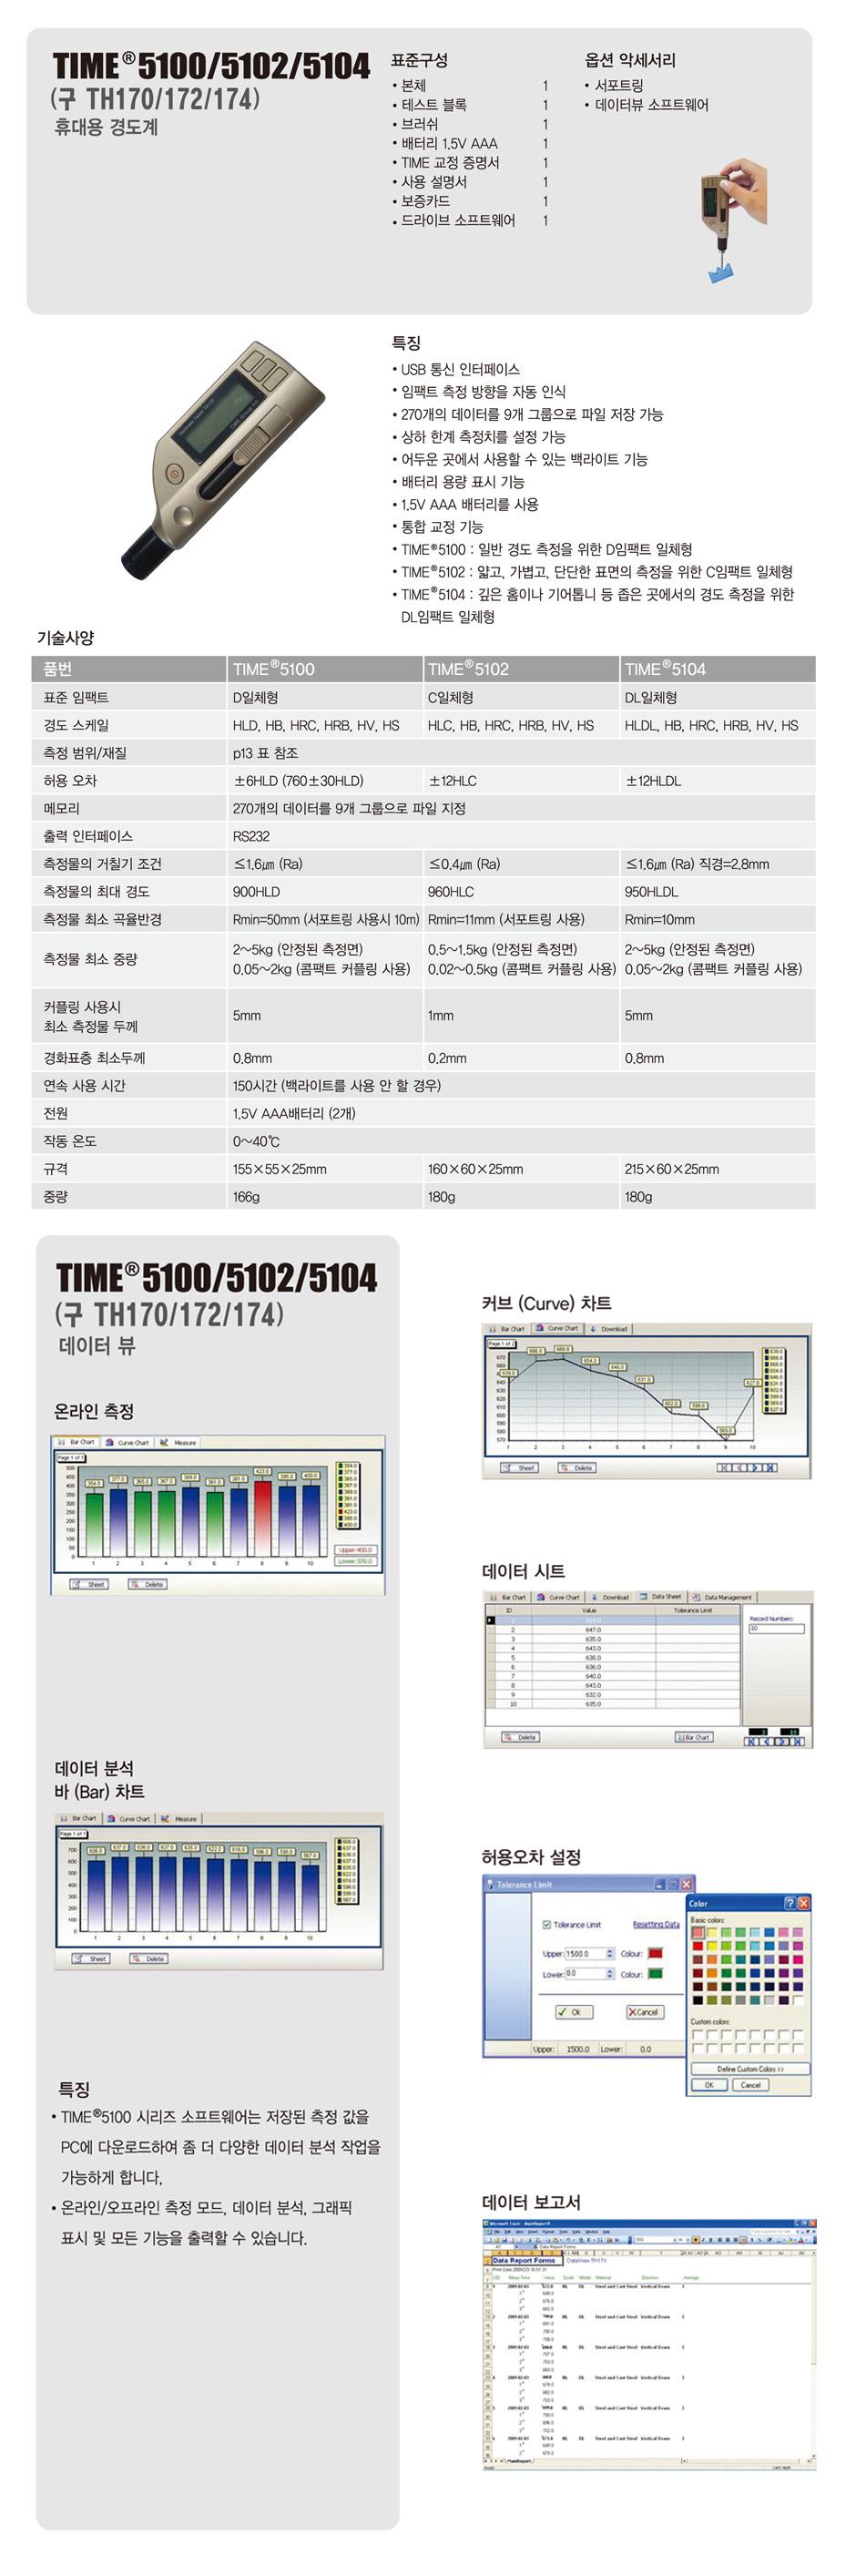 TIME5100,5102,5104.jpg